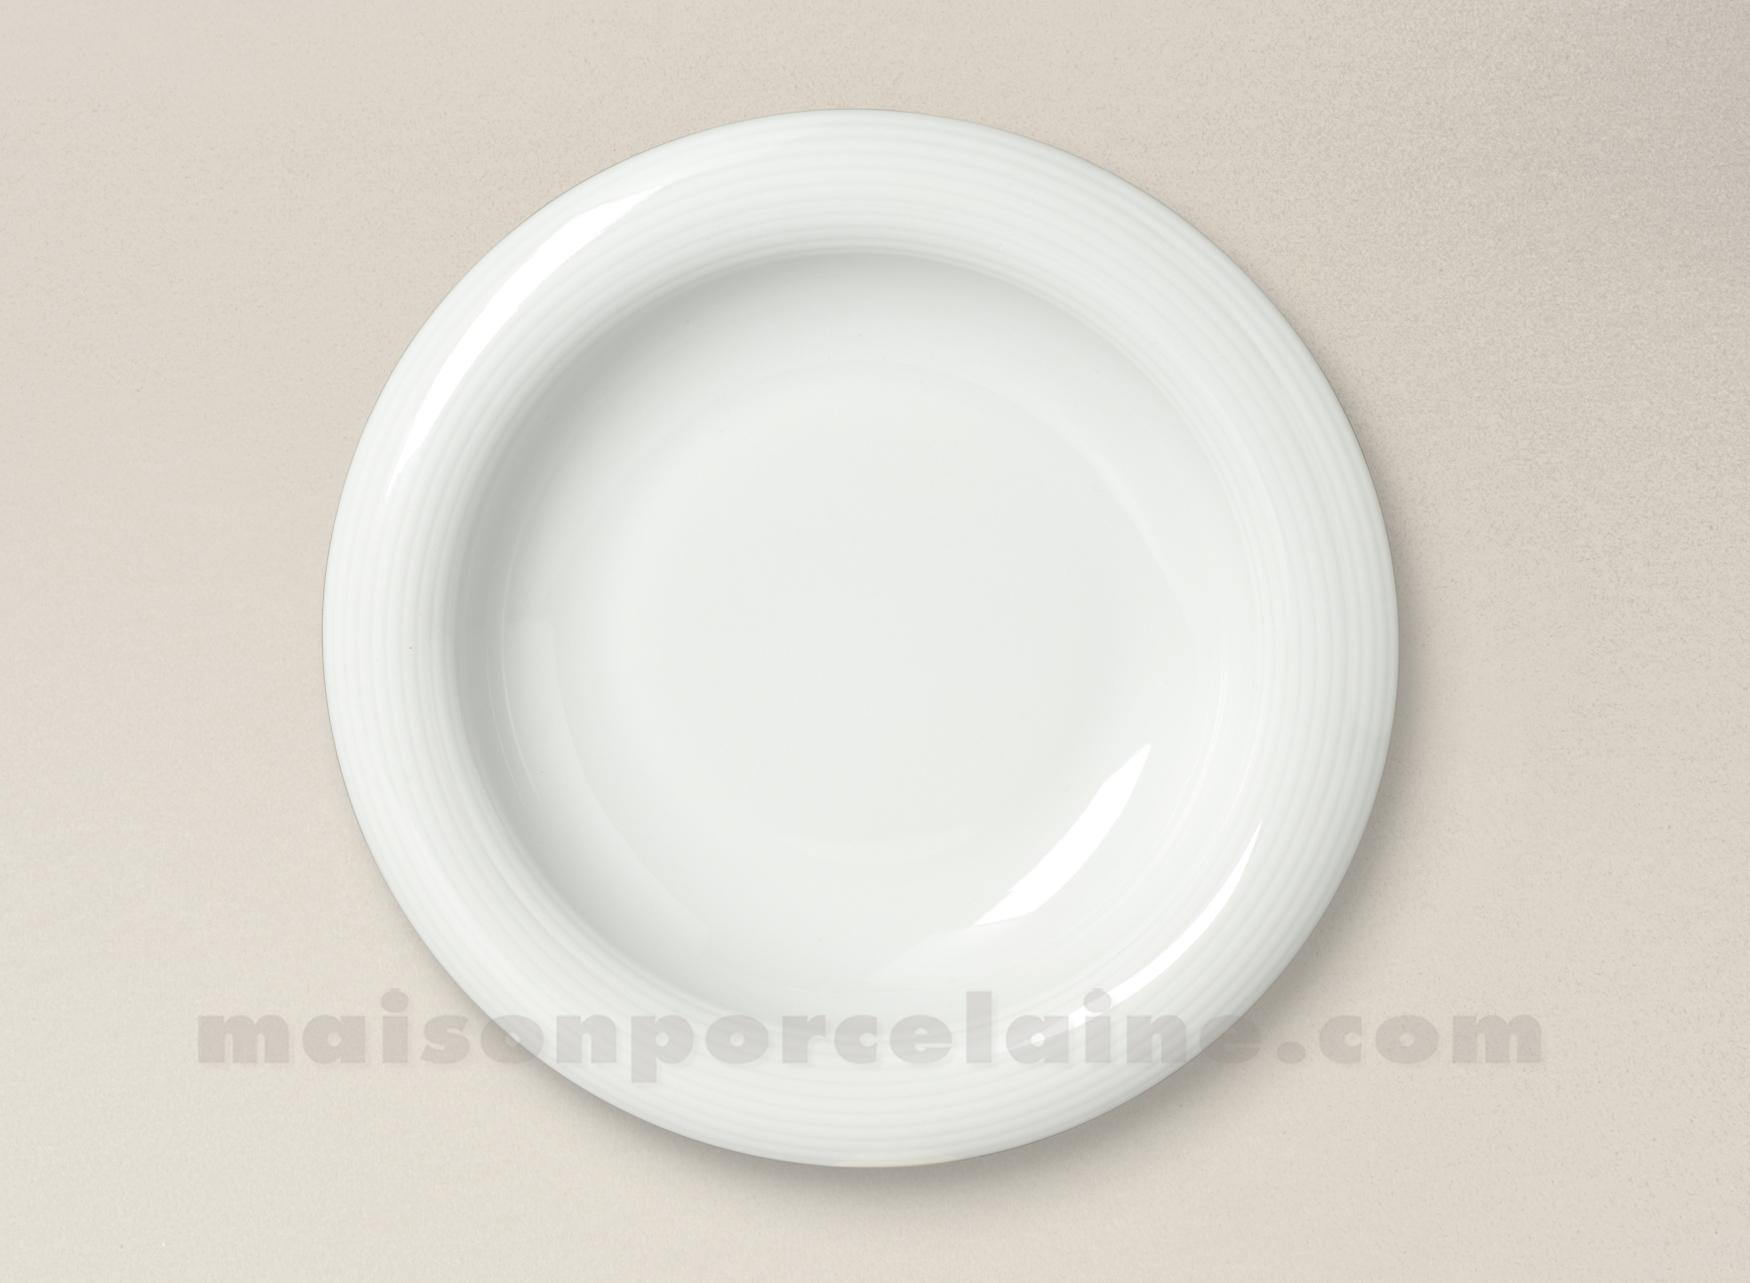 assiette creuse porcelaine blanche abba d22cm maison de. Black Bedroom Furniture Sets. Home Design Ideas